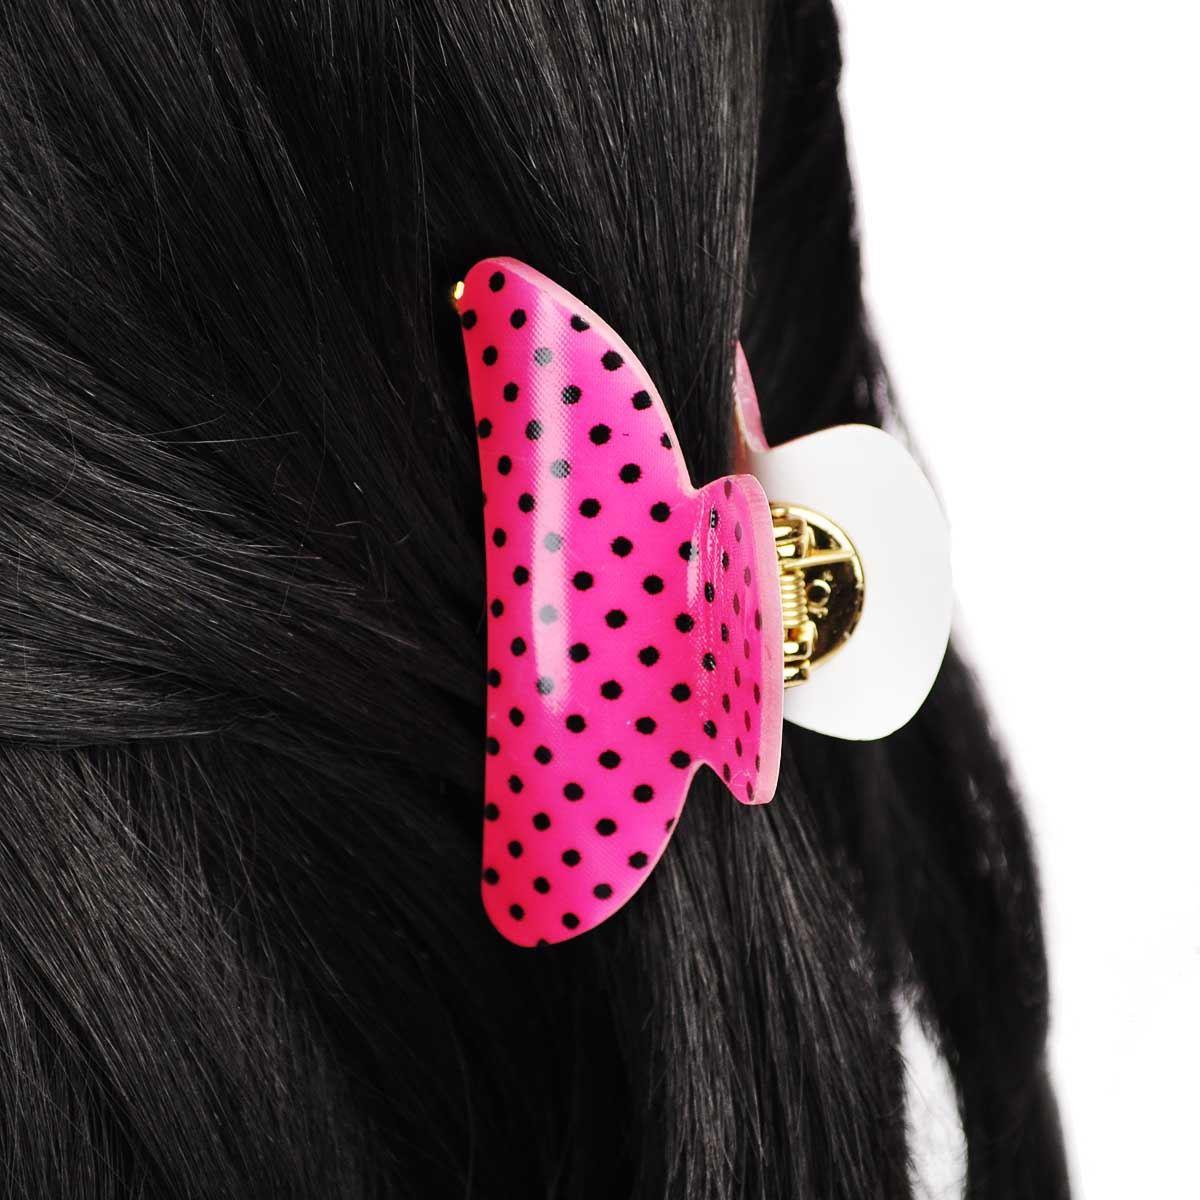 Cloud9basic Cute Small Polka Dot Teeth Hair Clamp Plastic Grip Hair Accessory